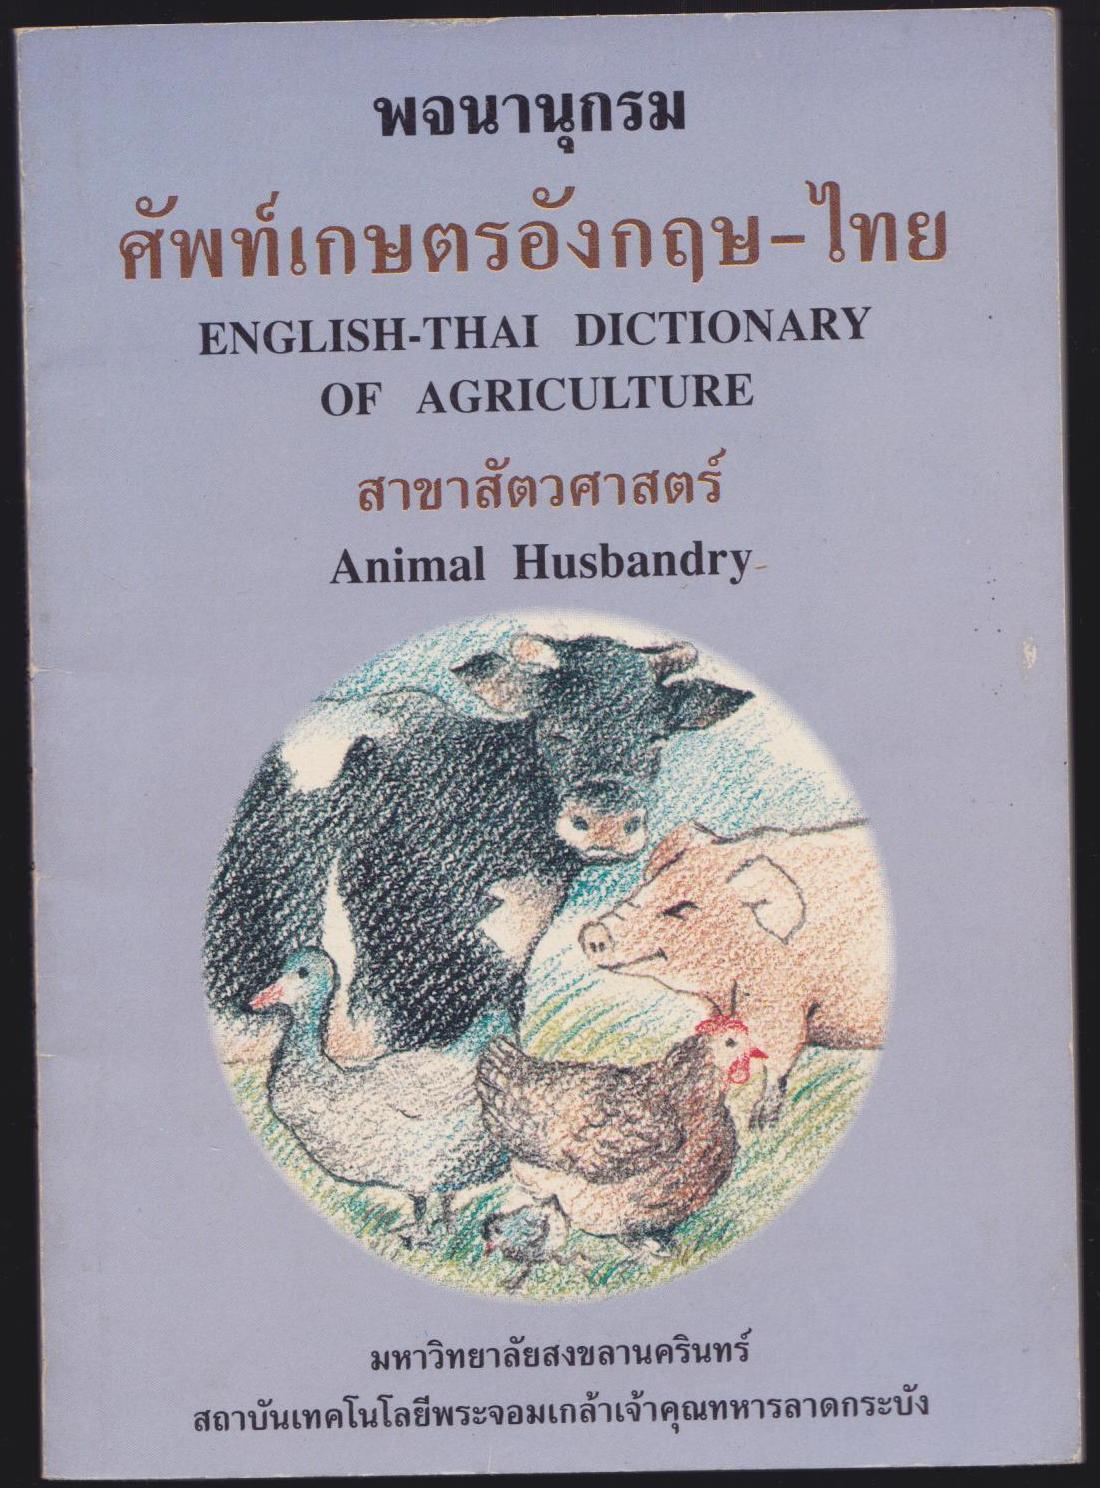 พจนานุกรม ศัพท์เกษครอังกฤษ-ไทย ENGLISH -THAI DICTIONARY OF AGRICULTURE สาขาสัตวศาสตร์ Animal Husbundry